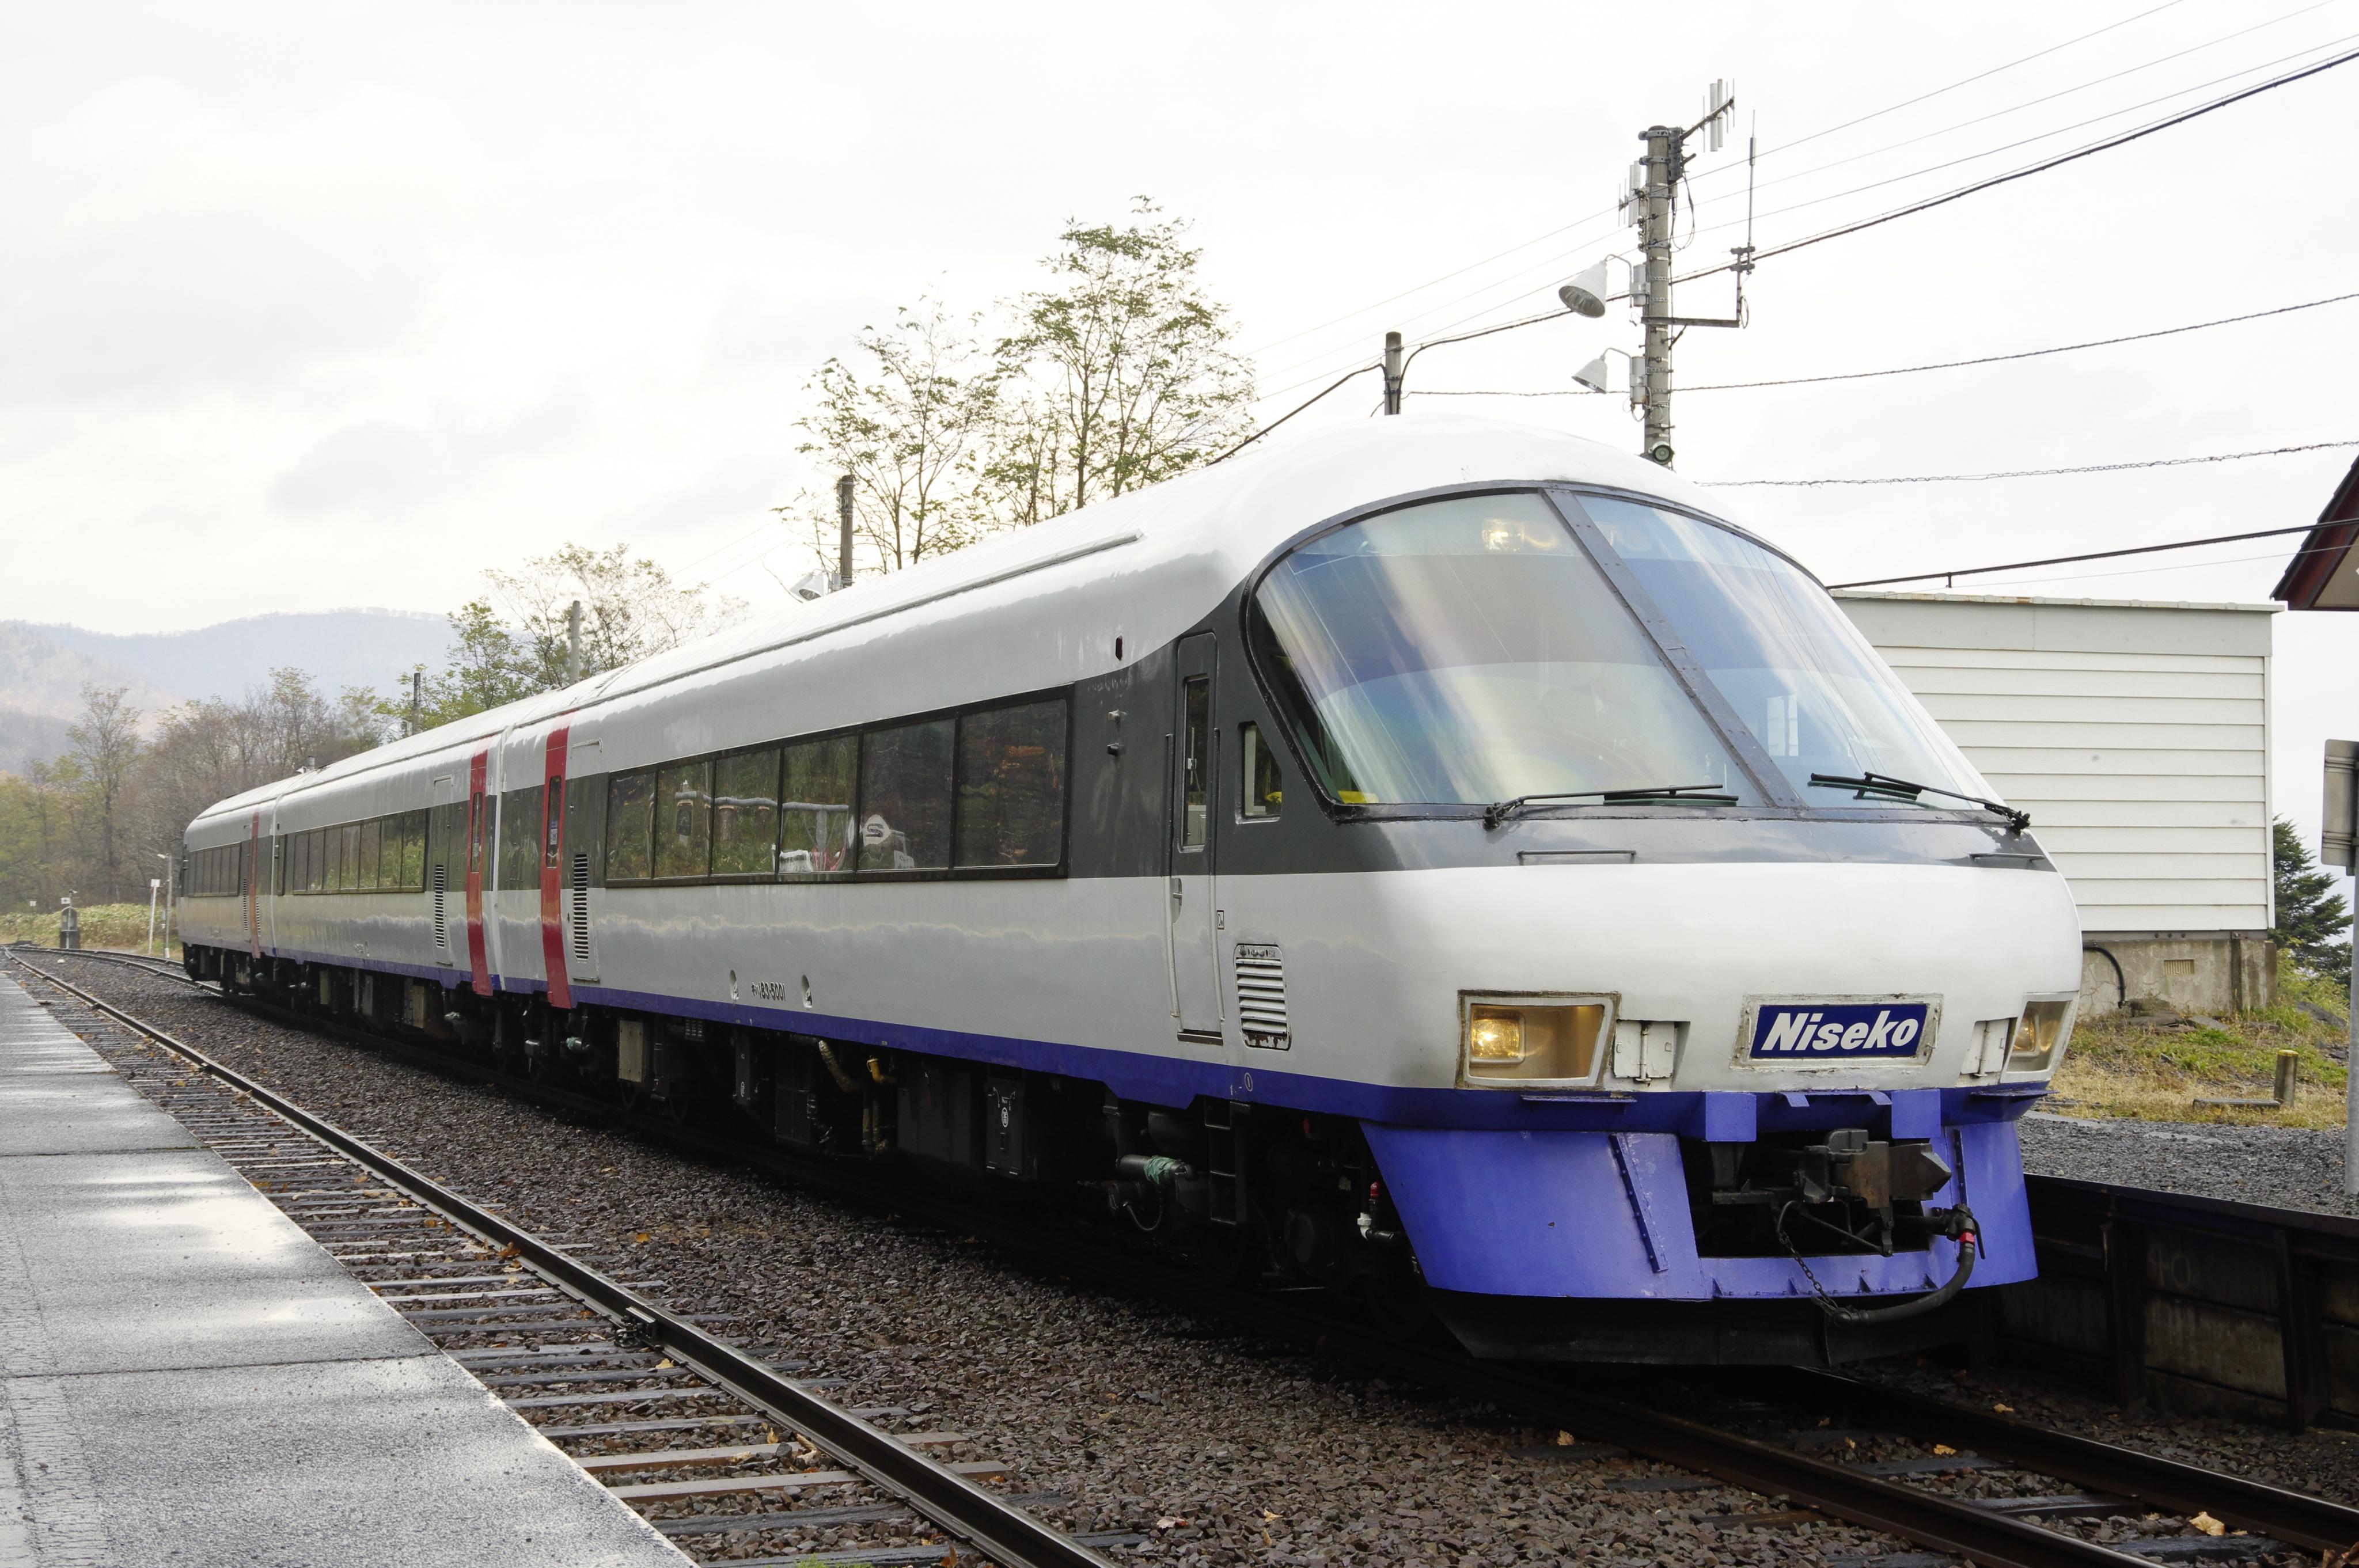 ニセコエクスプレス 銀山駅_171103.jpg